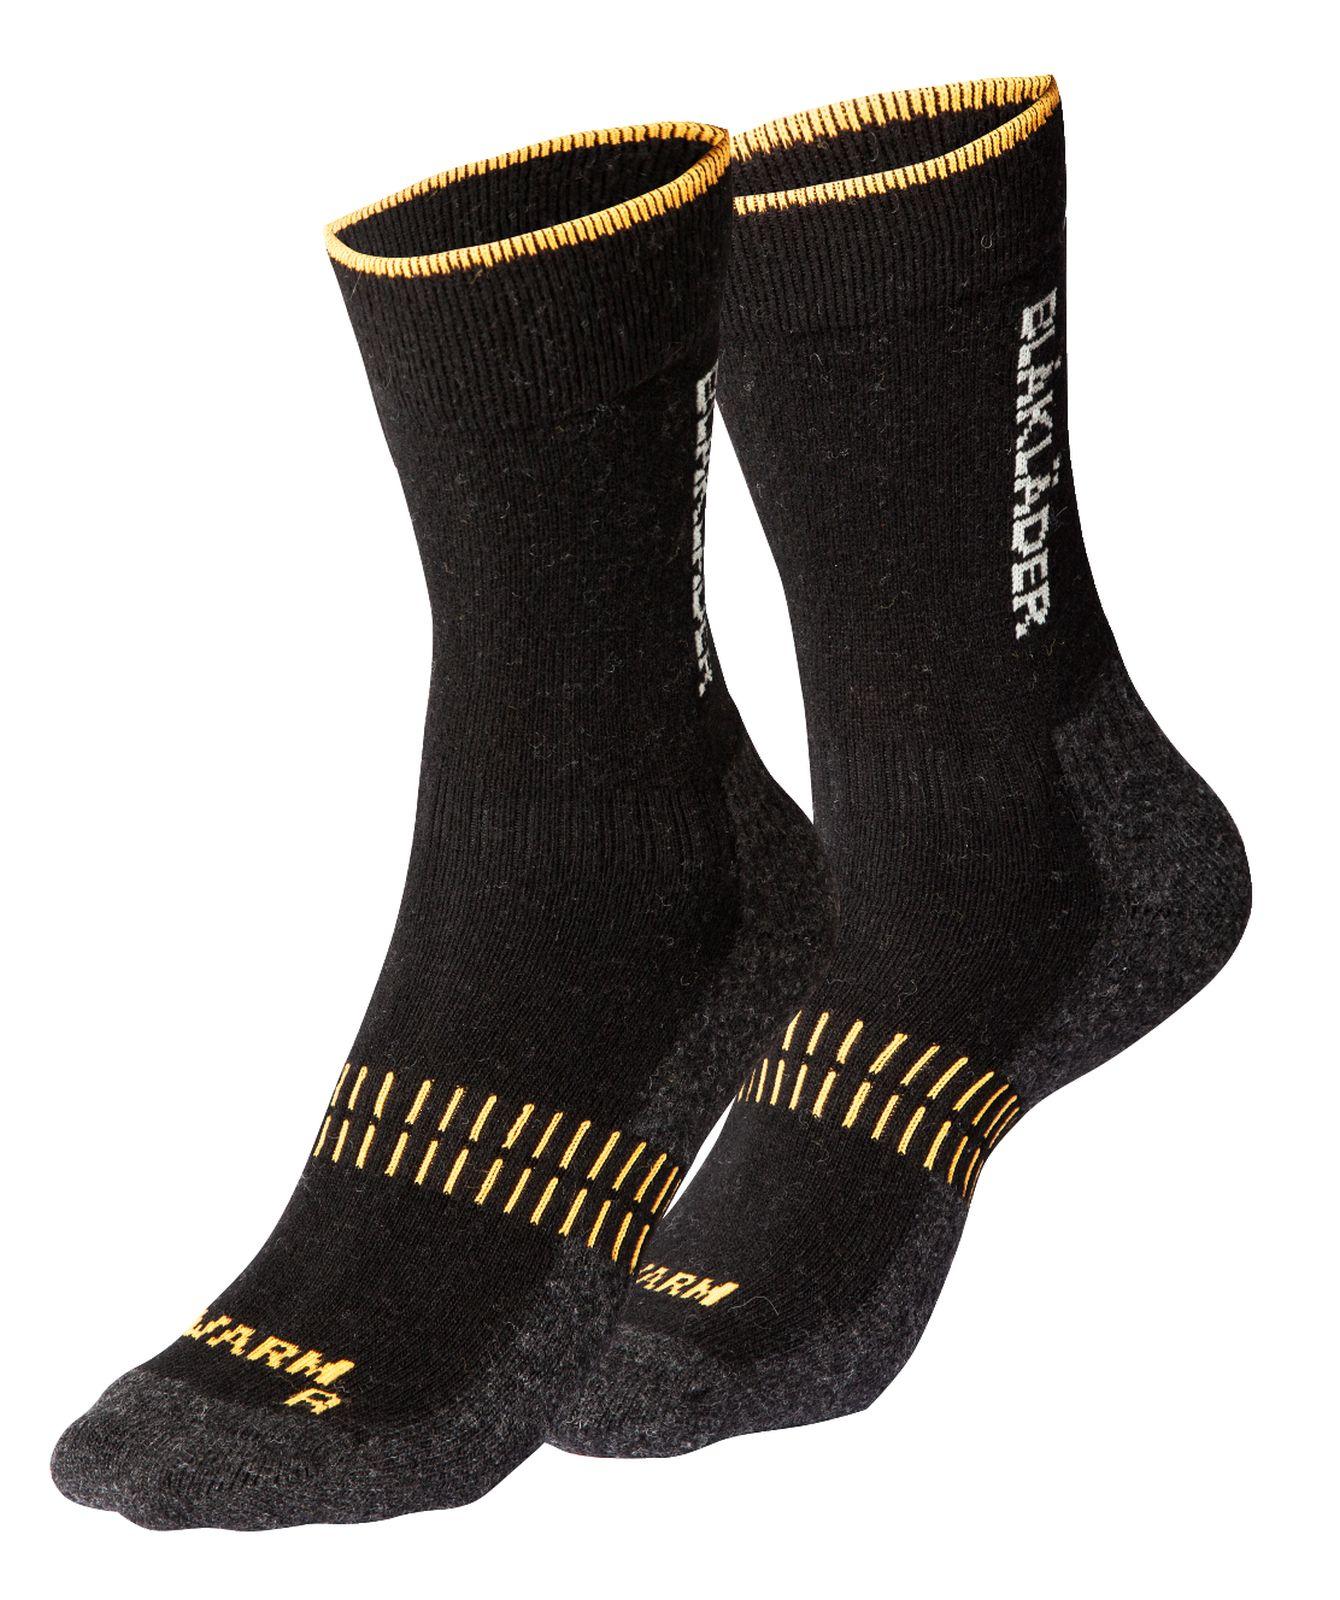 Blaklader Werksokken 21921095 zwart-neonoranje(9966)